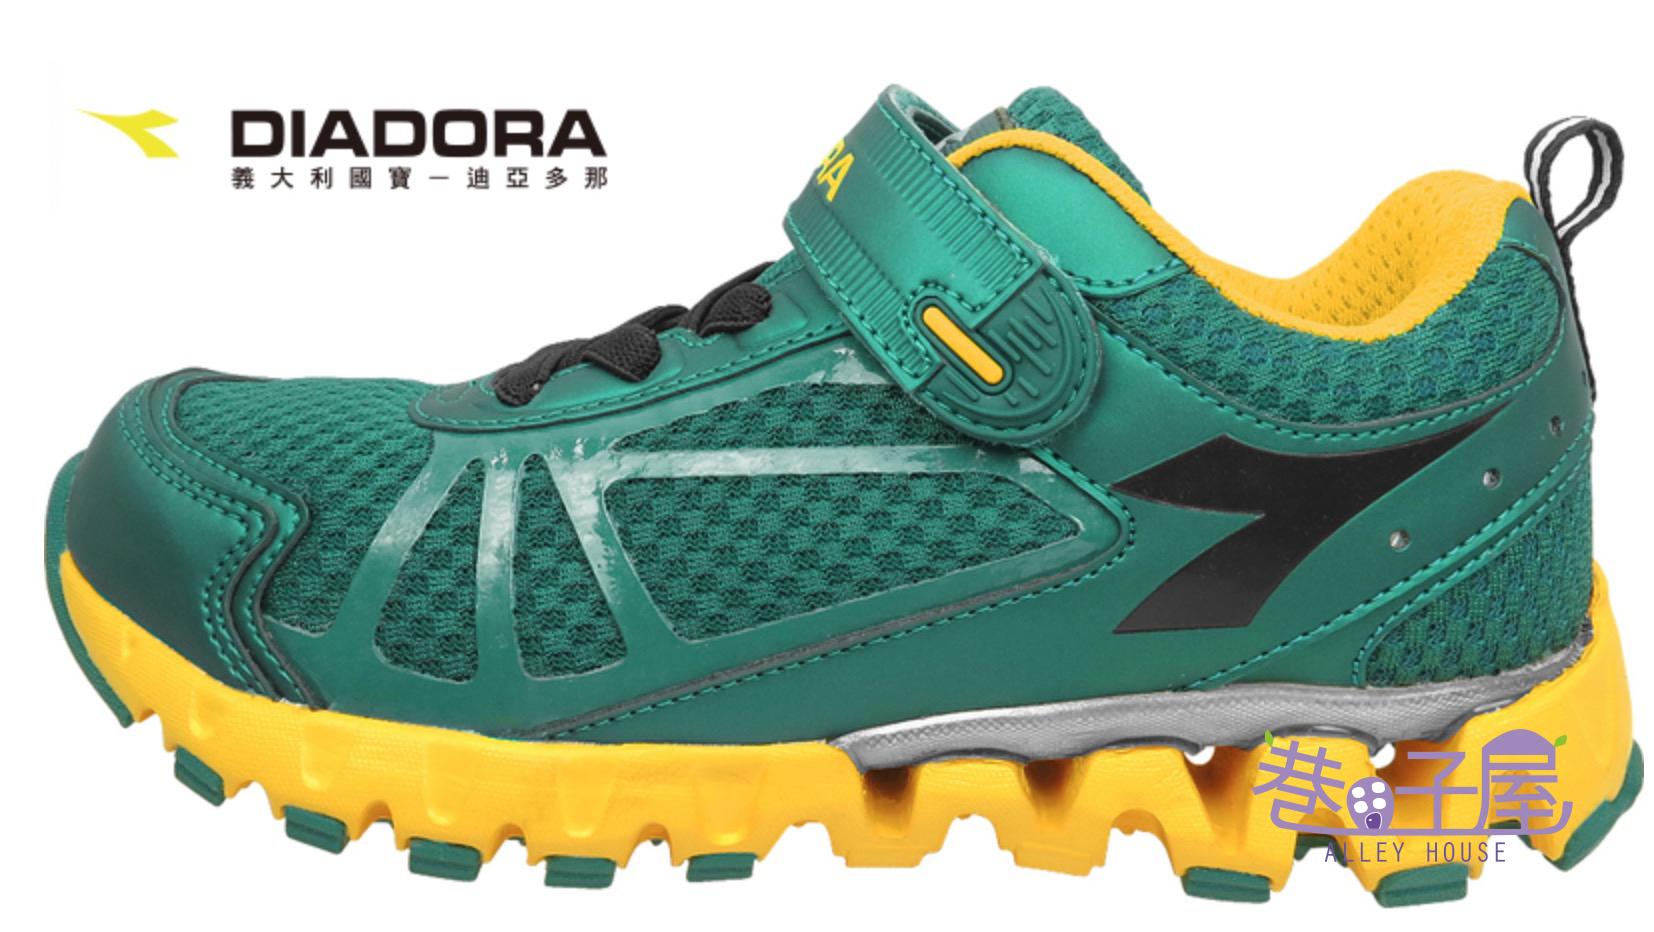 【巷子屋】義大利國寶鞋-DIADORA迪亞多納 男童輕跑鞋 [9775] 綠 超值價$693